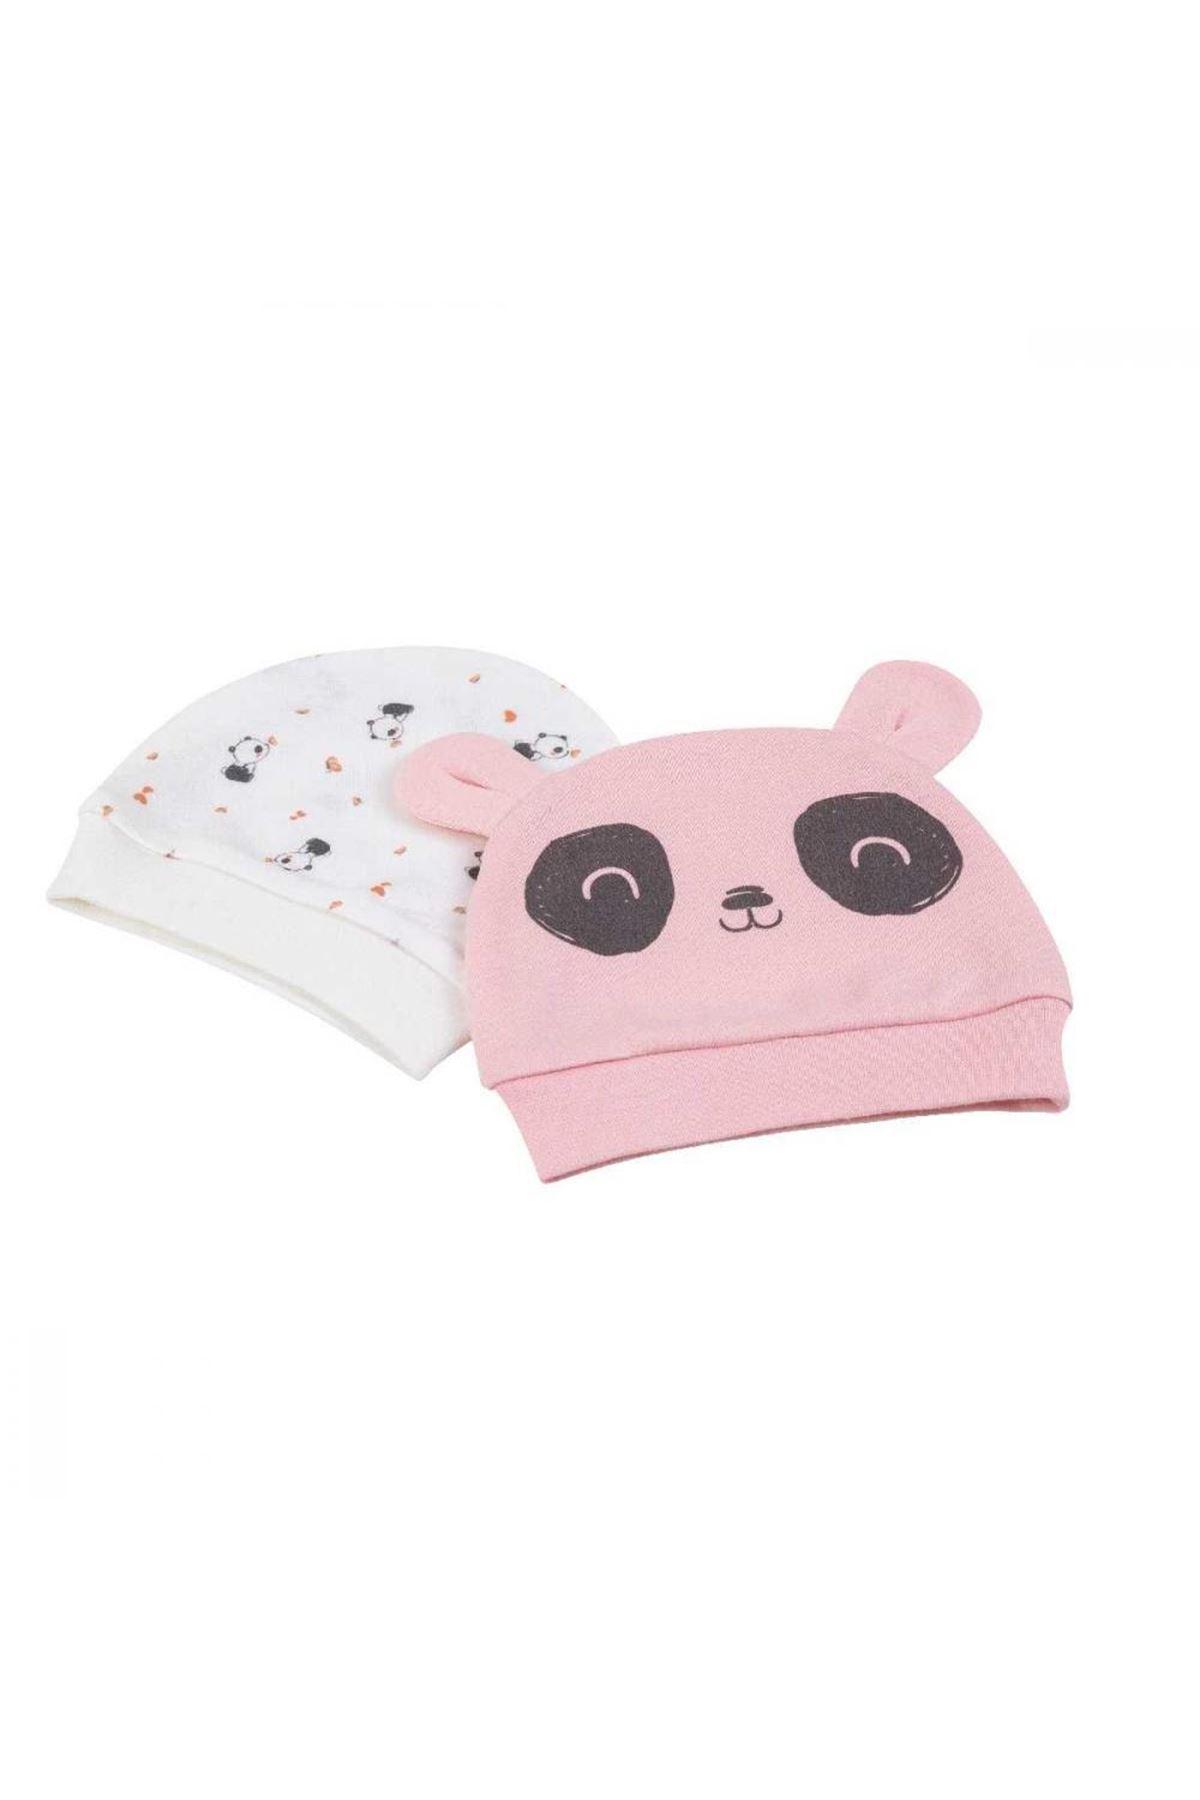 Bibaby Bi Organik Elegant Panda Şapka 2Lİ 72116 Ekru